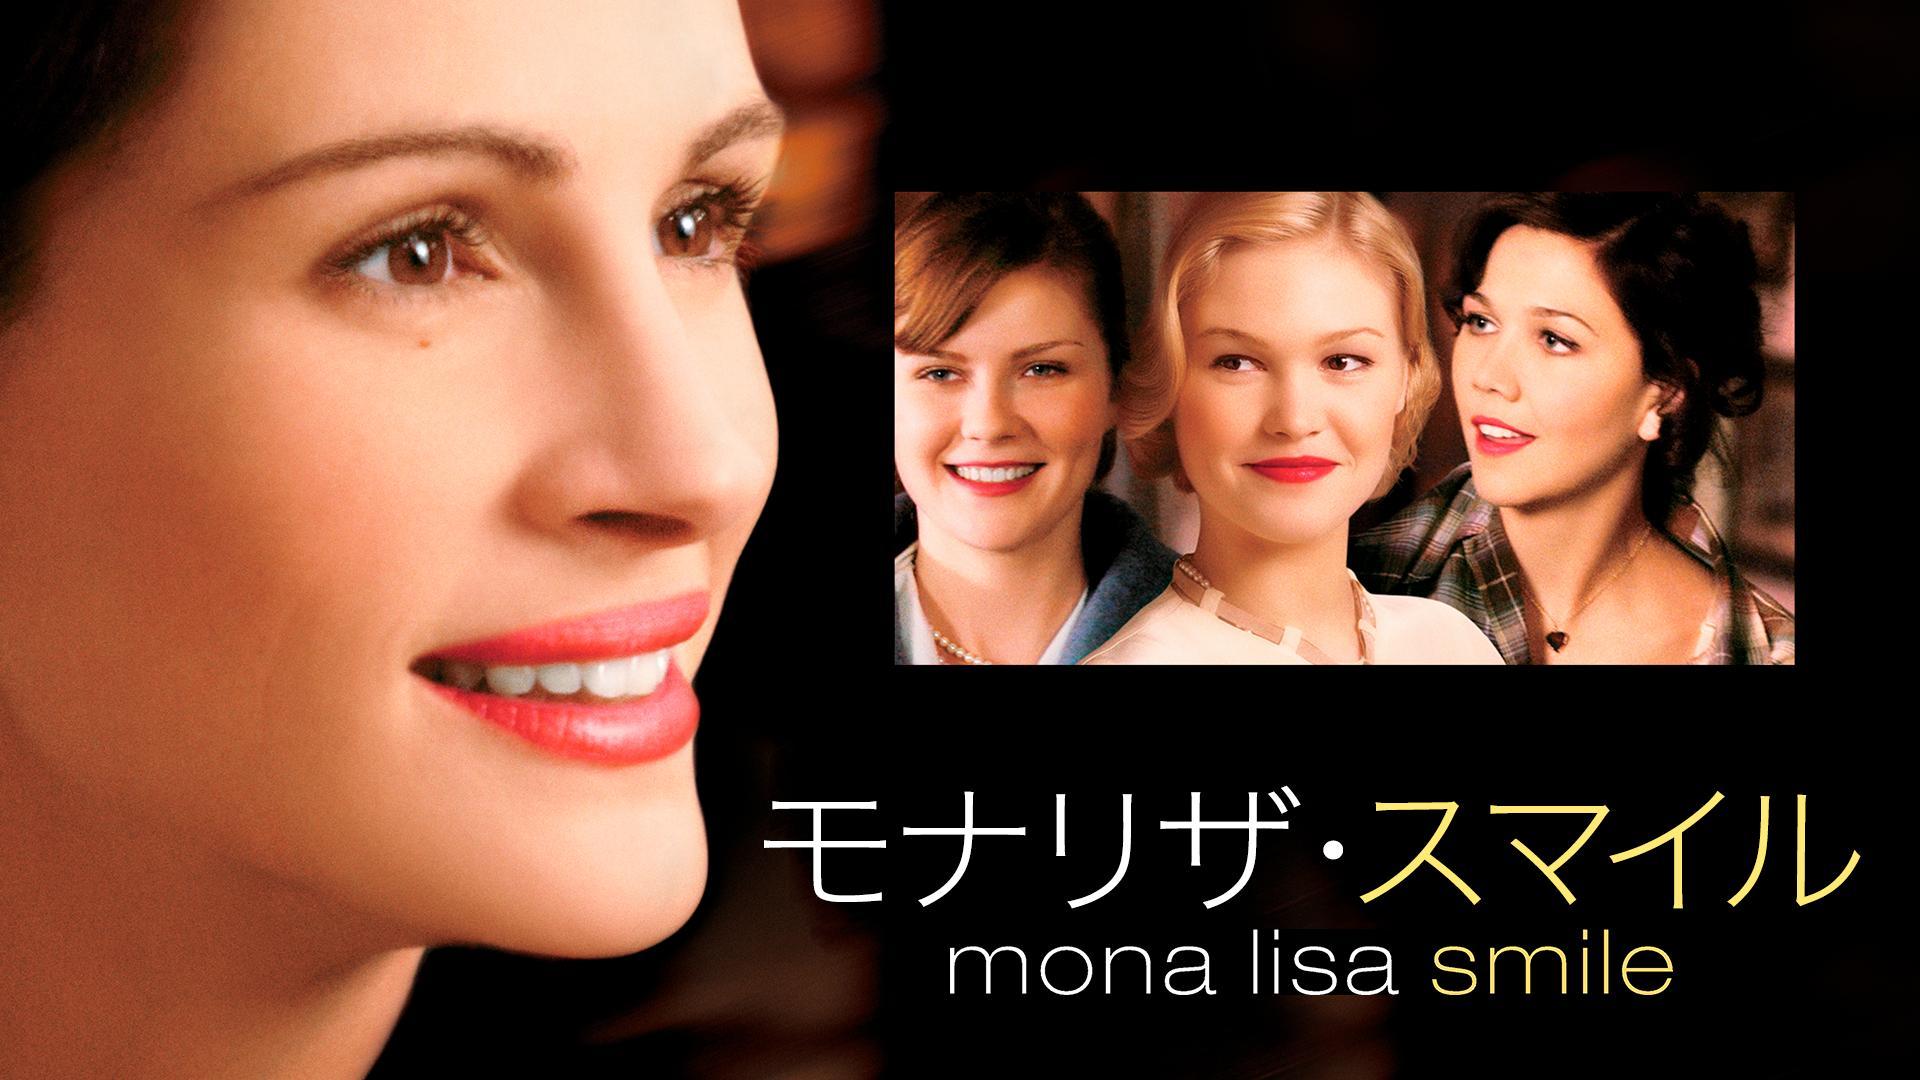 モナリザ・スマイル